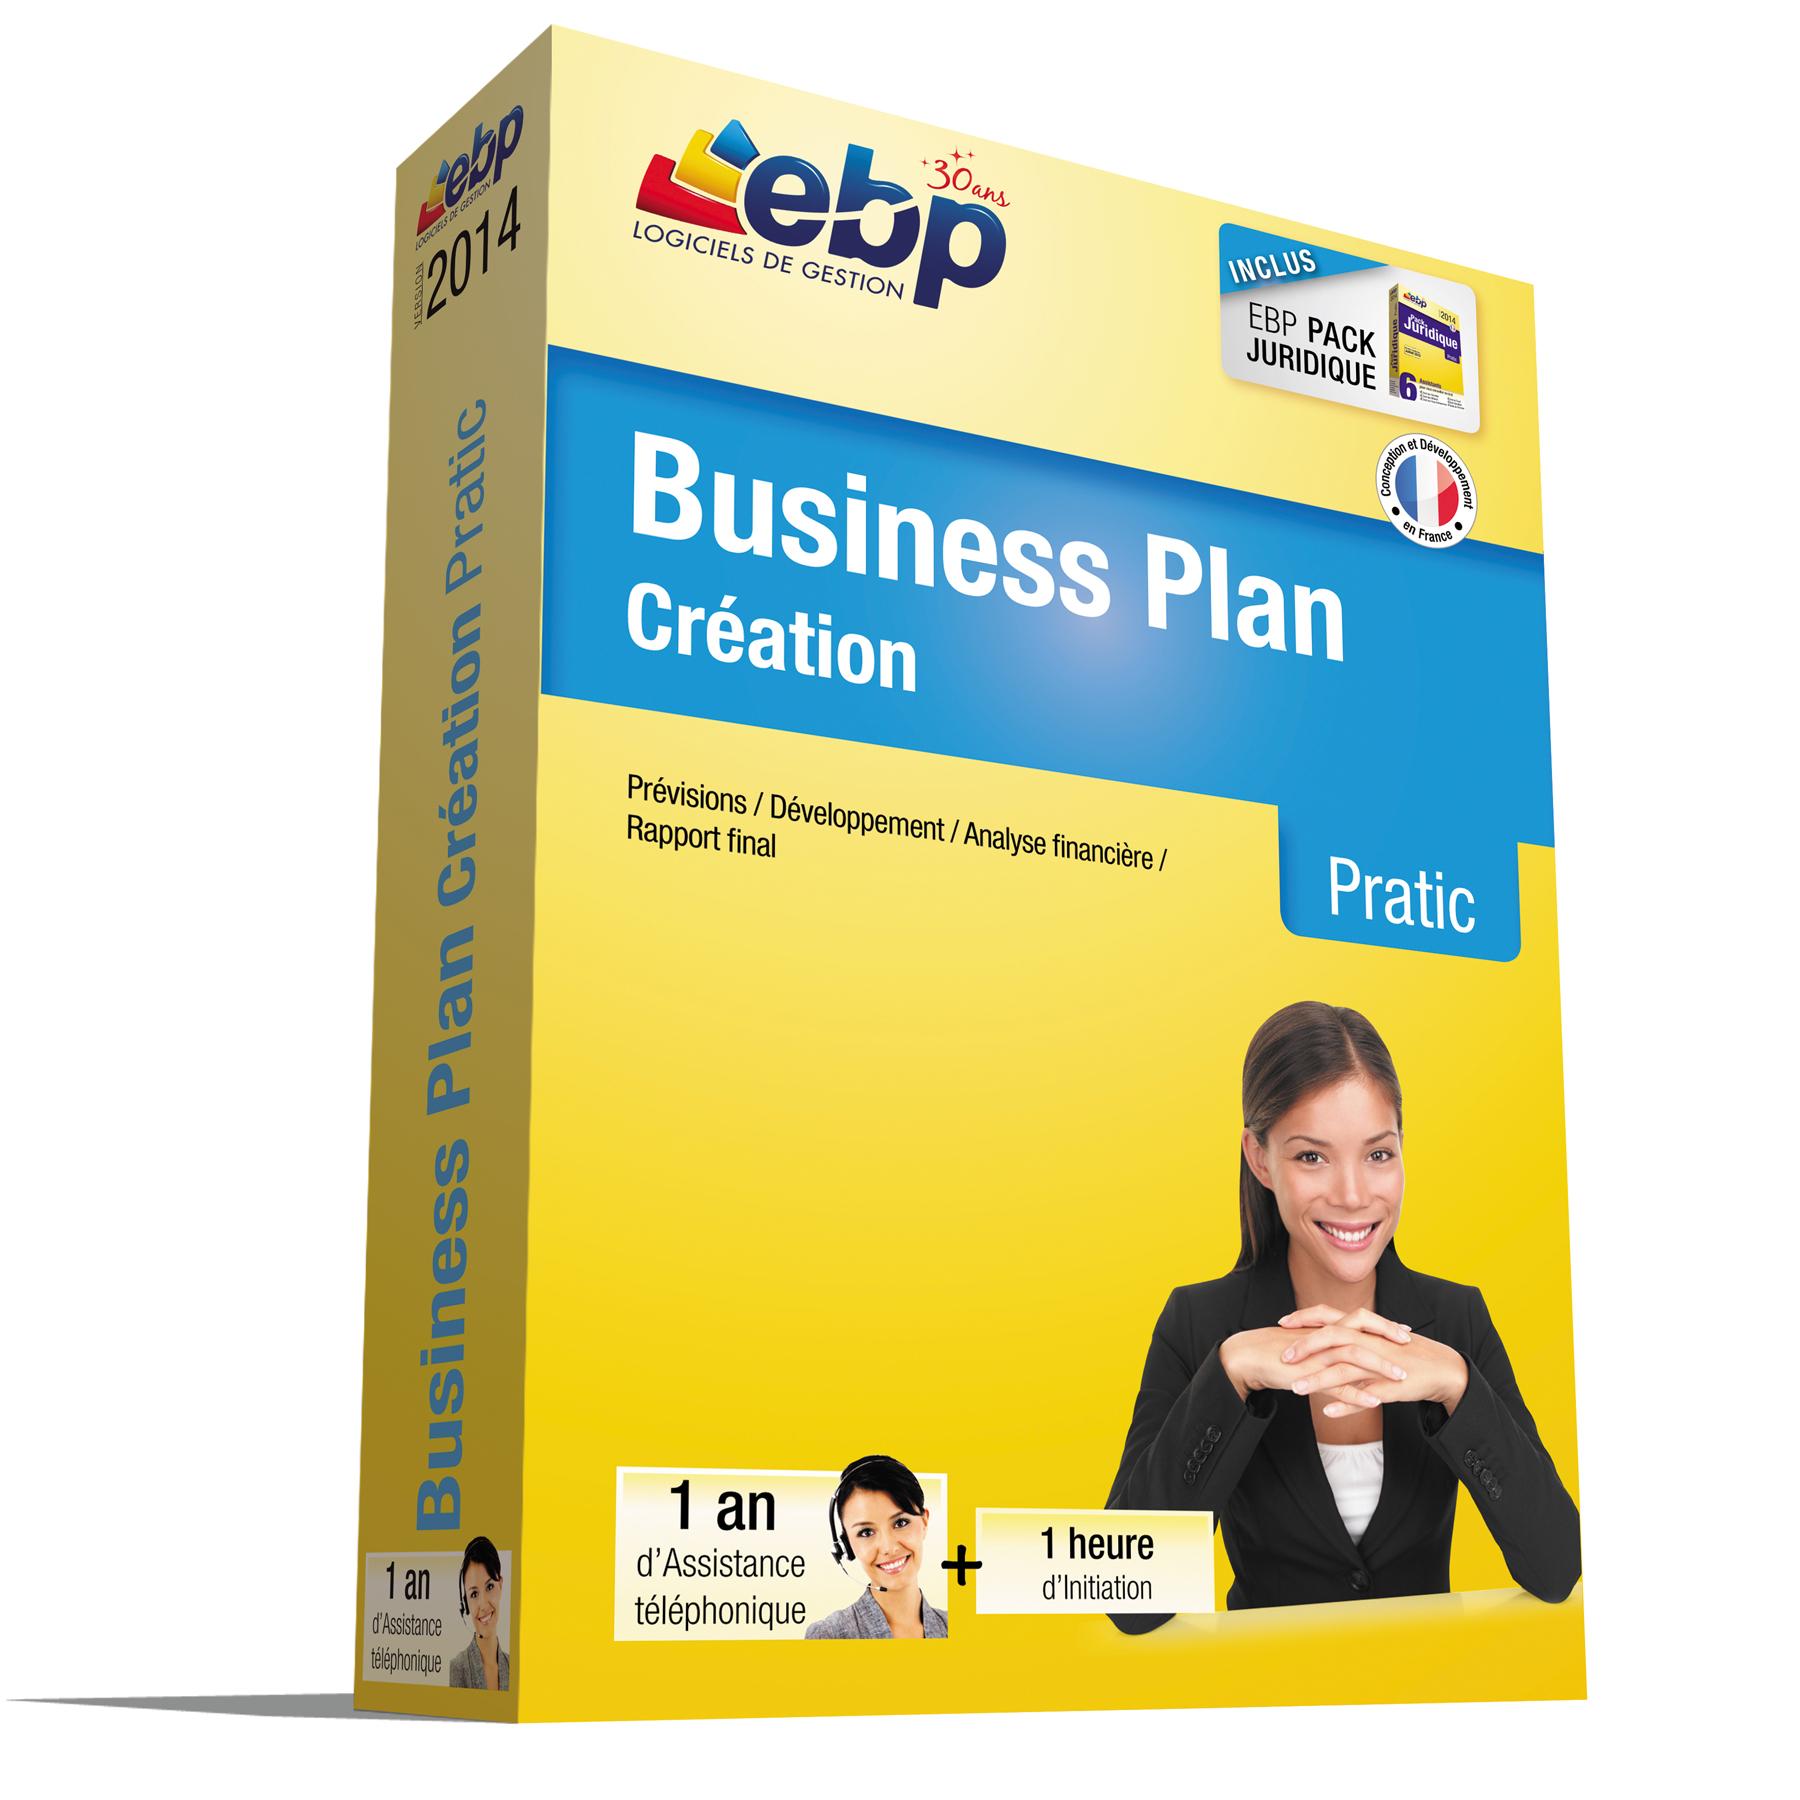 logiciel business plan ebp